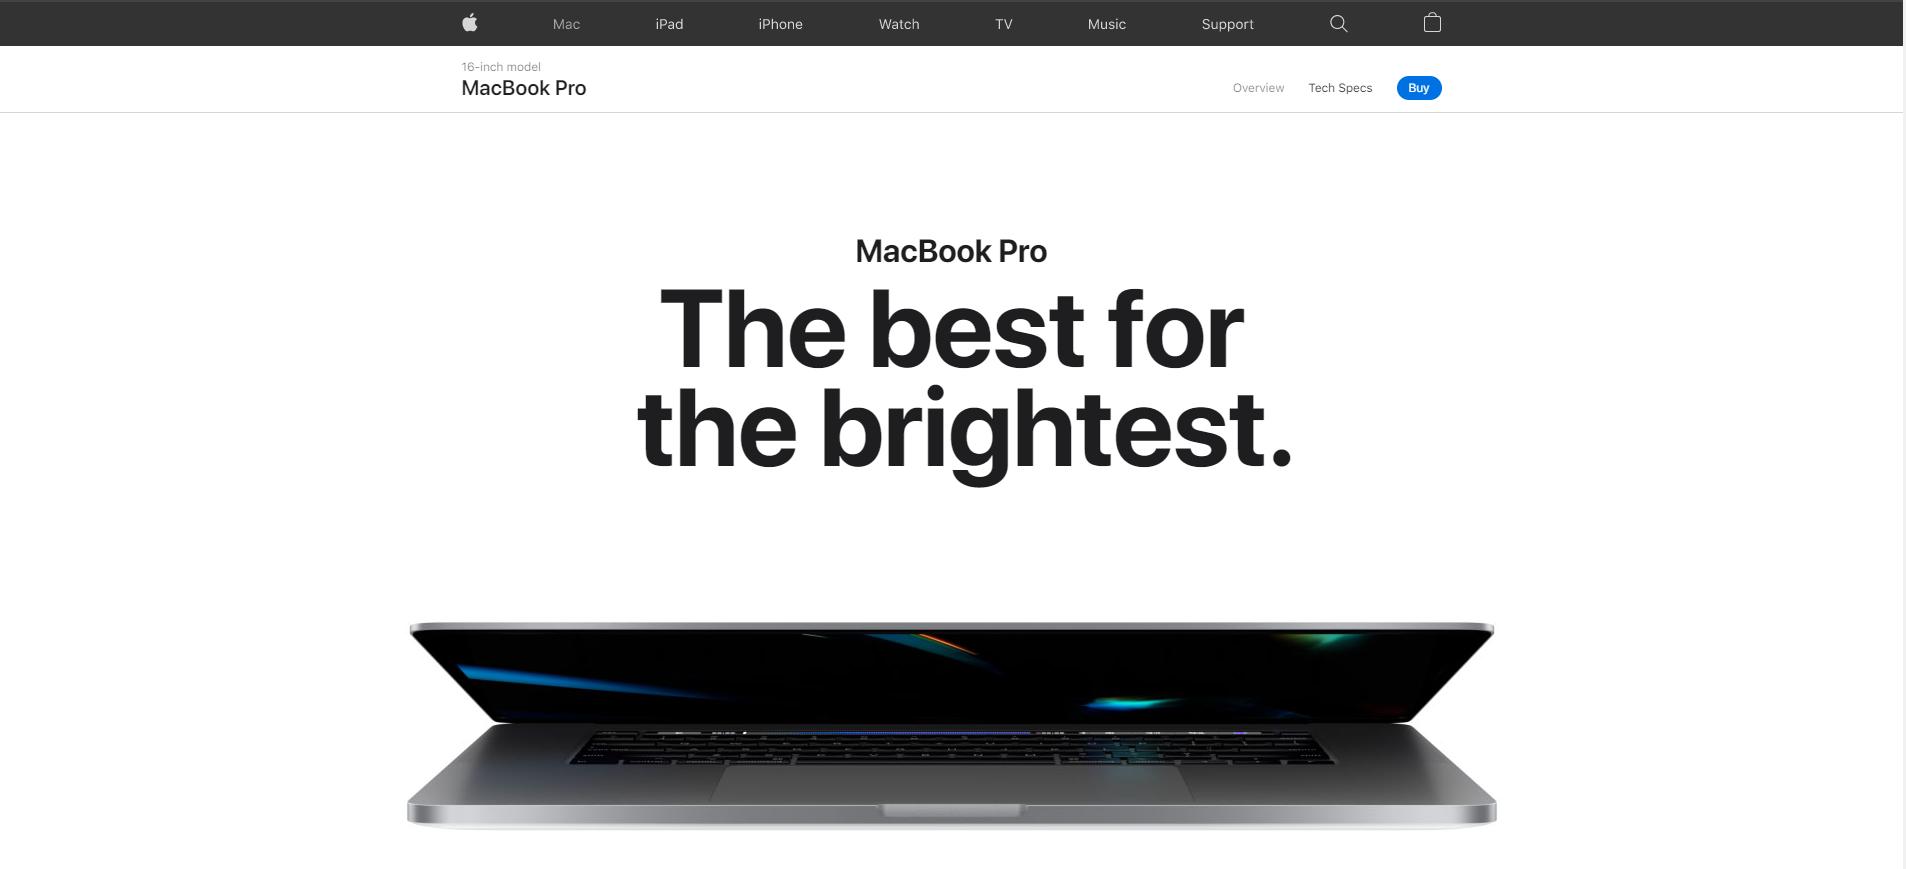 Ukázka jak Apple využívá designu